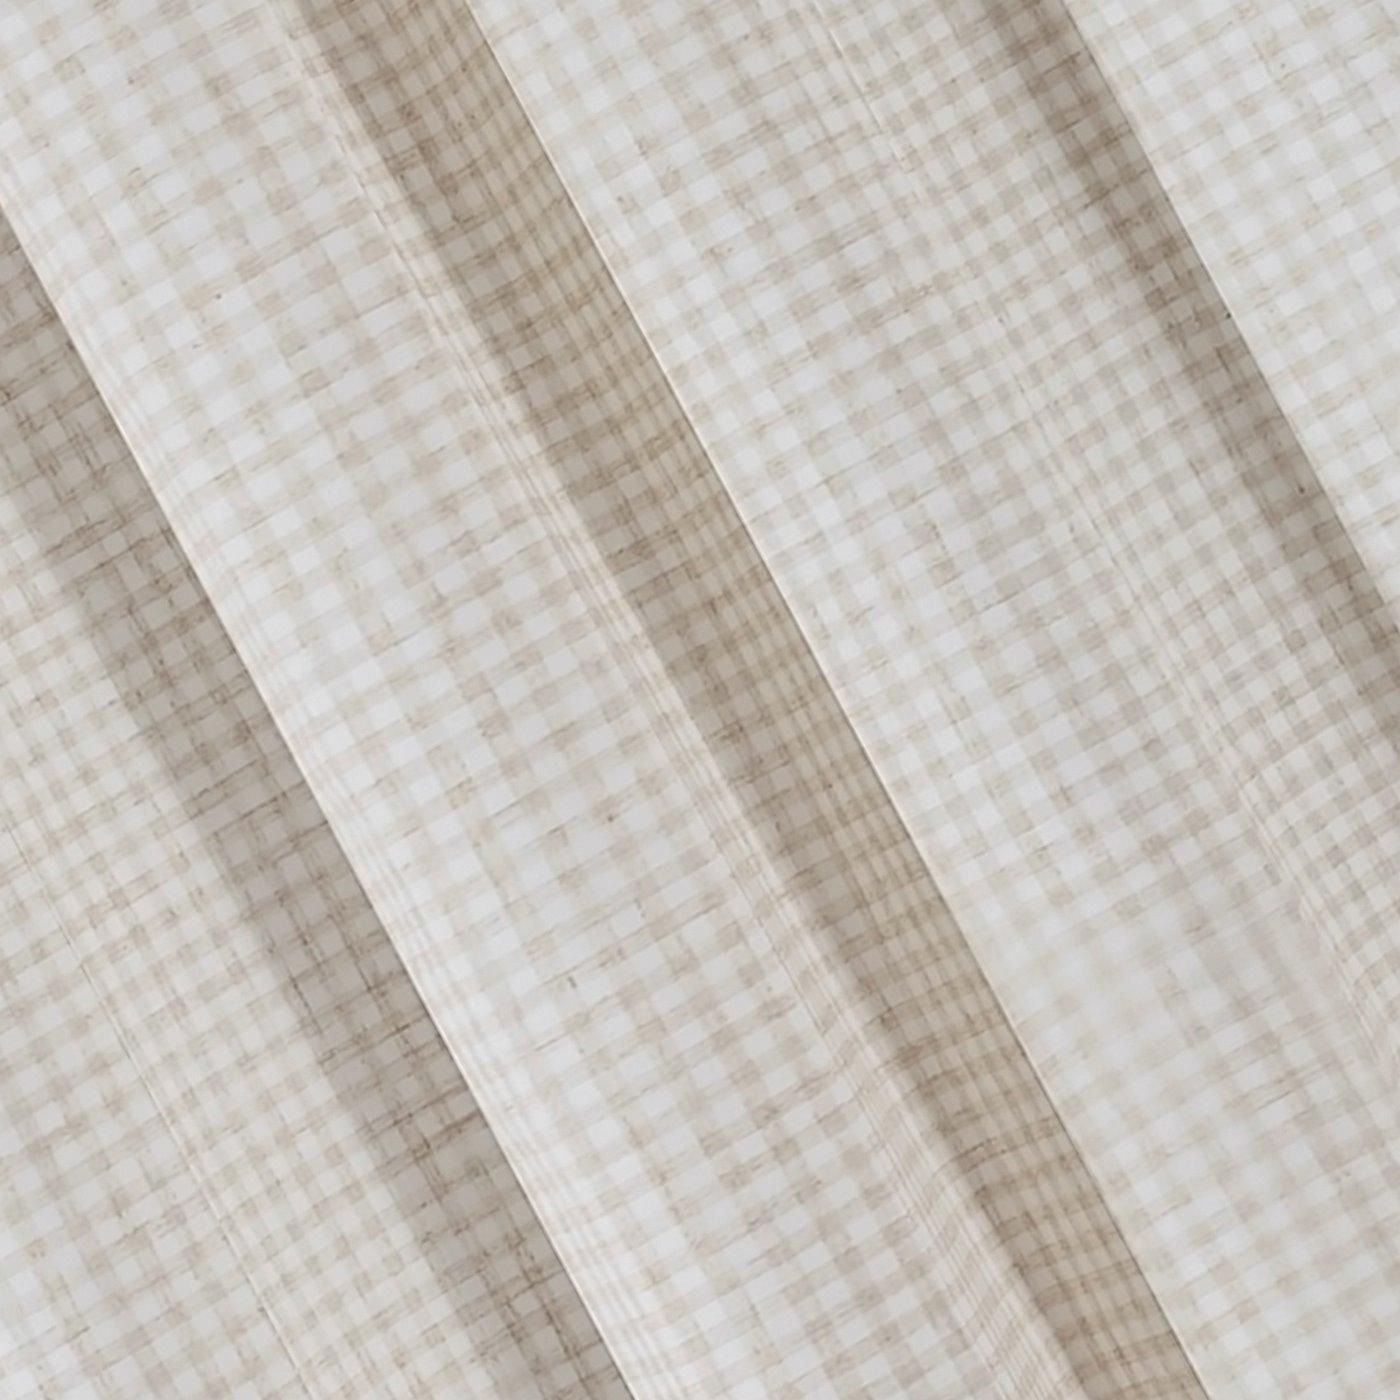 Zasłona w rustykalnym stylu krateczka+aplikacja beżowa szelki 140x250cm